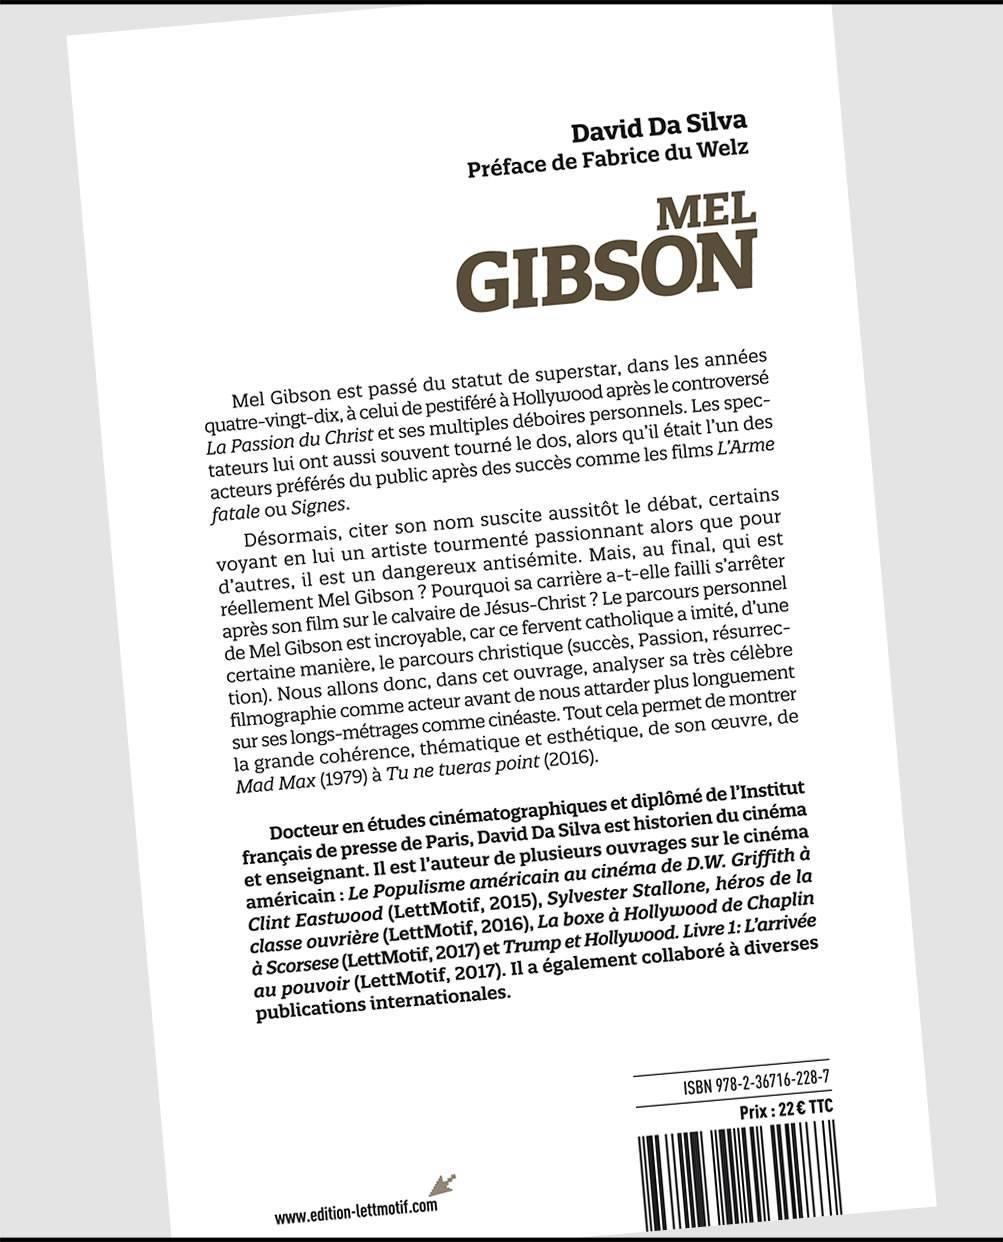 gibson-4e